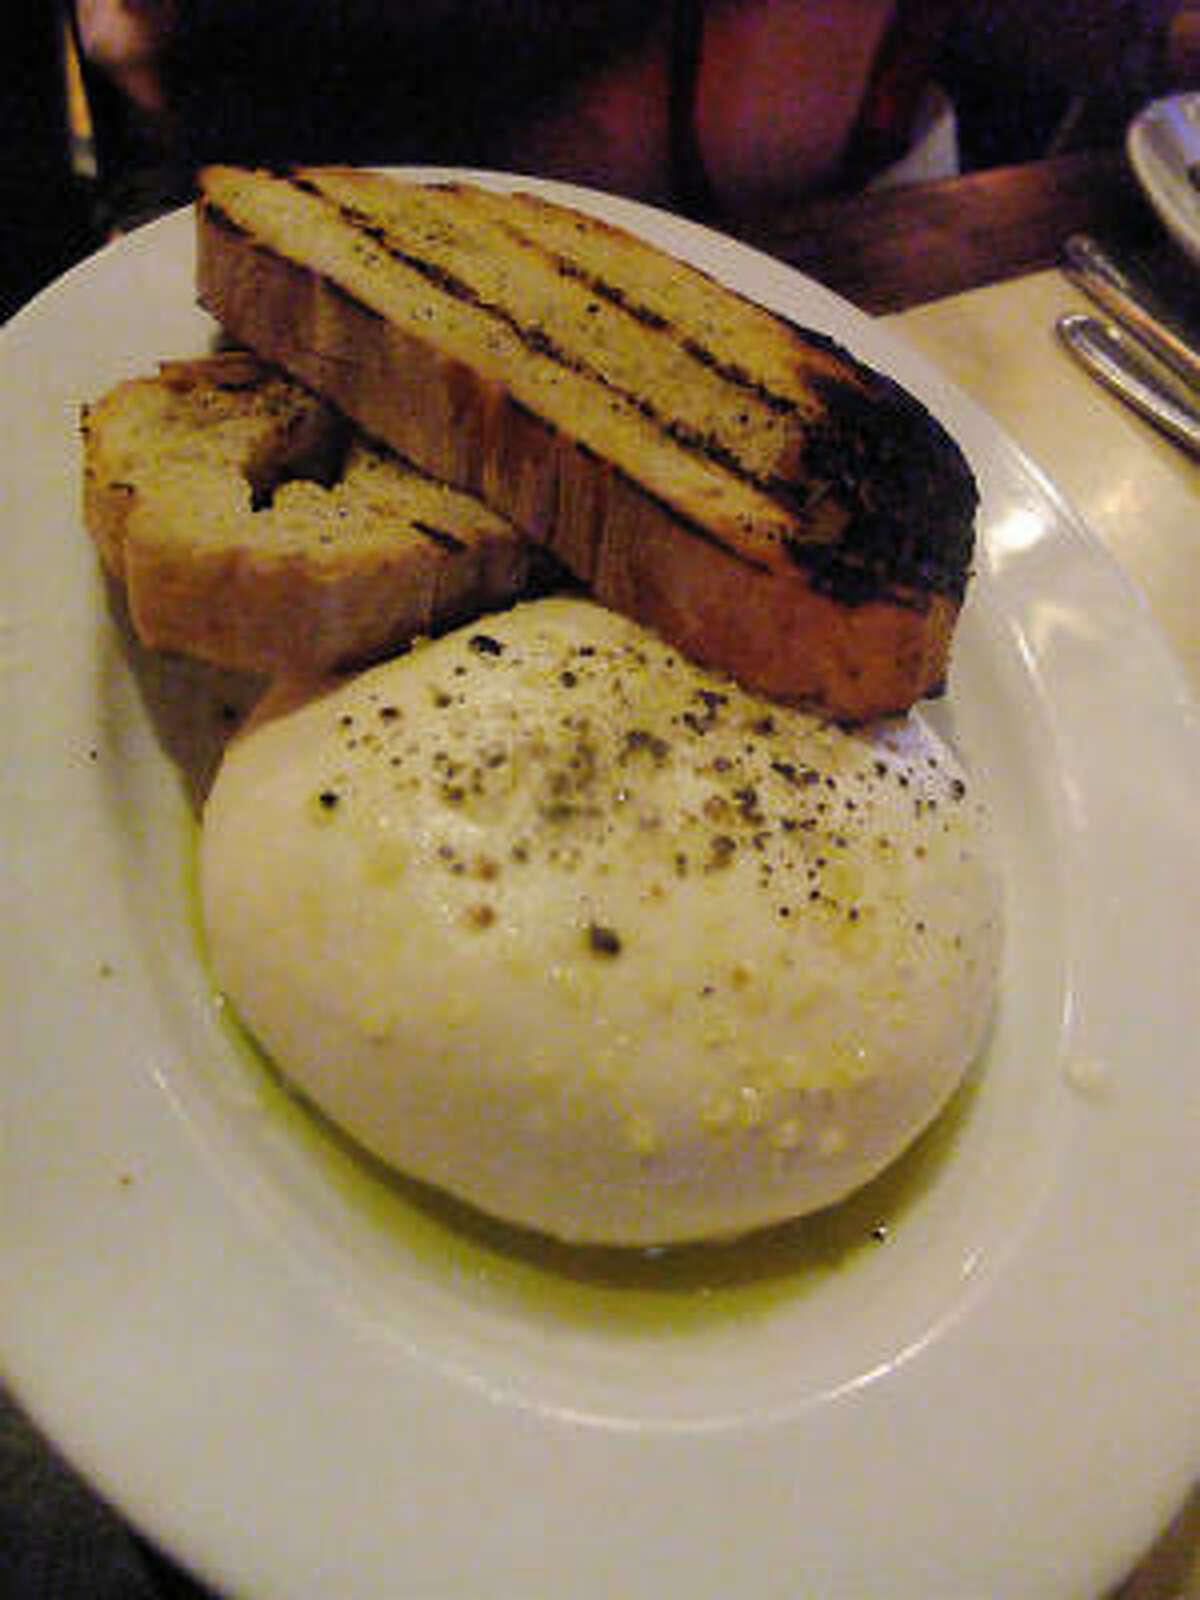 Pulled to order mozzarella with sea salt & charred Pugliese bread, Tre Trattoria in San Antonio.